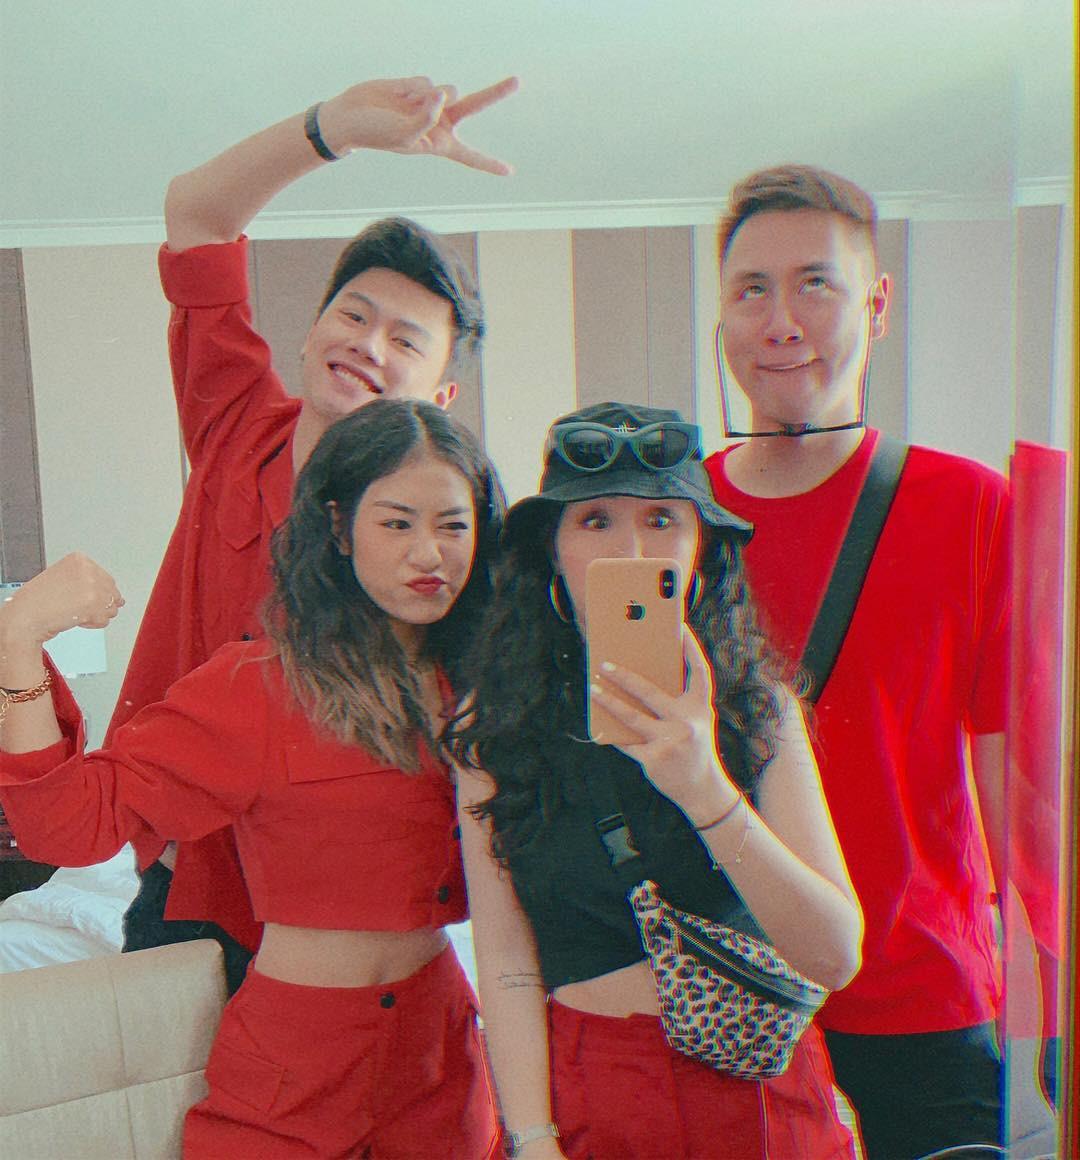 Sang Thái xem concert Maroon 5, hai gia đình hot nhất MXH rủ nhau ăn sập Bangkok chỉ trong 3 ngày - Ảnh 1.